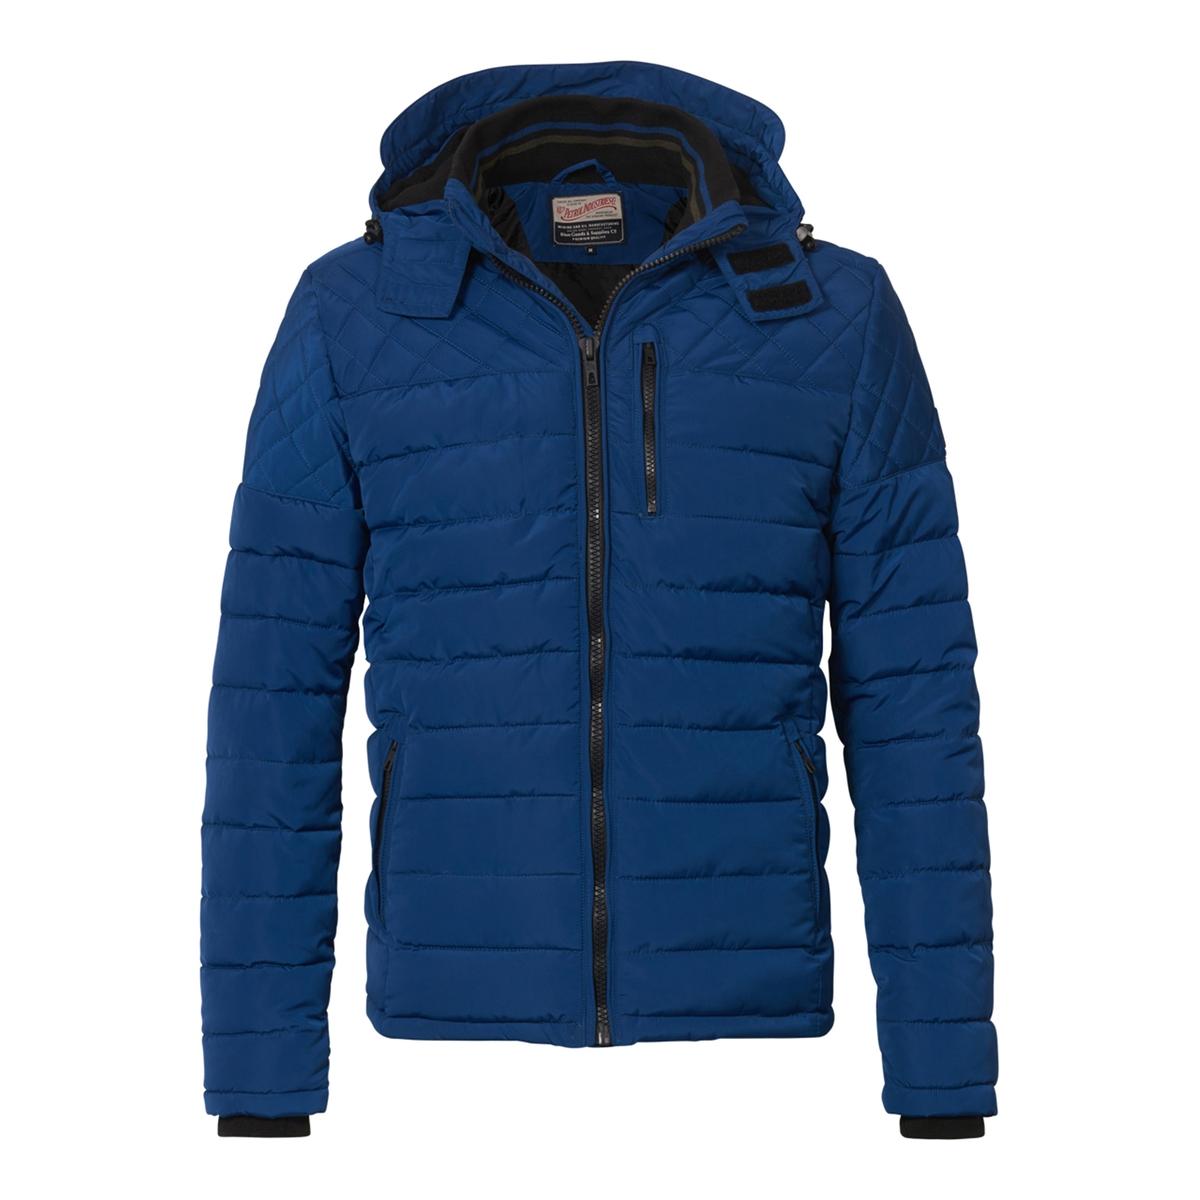 Куртка короткая с капюшоном, демисезонная модельДетали  •  Длина  : укороченная  •  Капюшон  •  Застежка на молнию  •  С капюшоном Состав и уход  •  100% полиэстер  •  Следуйте советам по уходу, указанным на этикетке<br><br>Цвет: черный,ярко-синий<br>Размер: XXL.XL.XXL